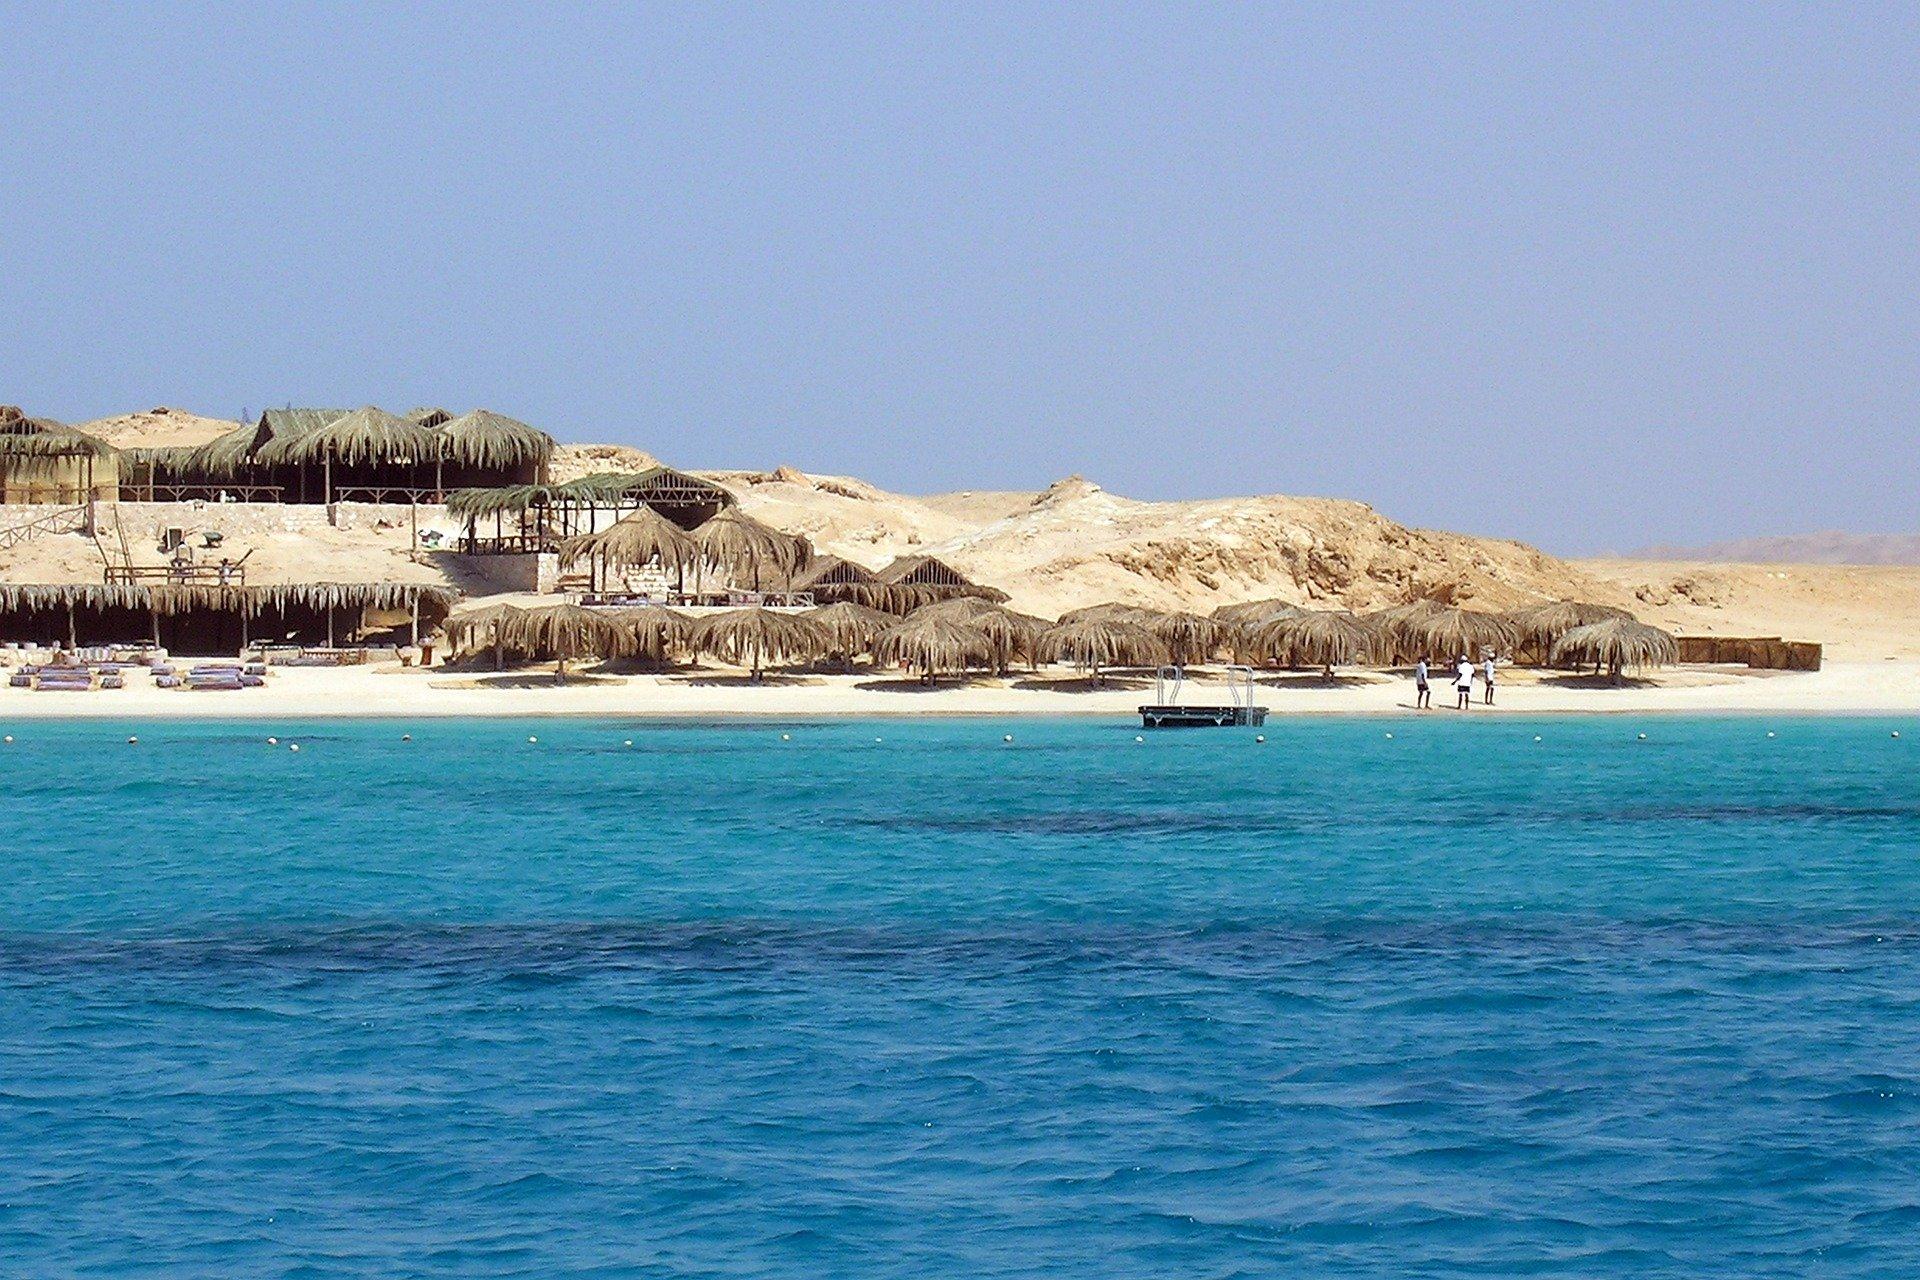 В АТОР спрогнозировали открытие курортов Египта для россиян в мае